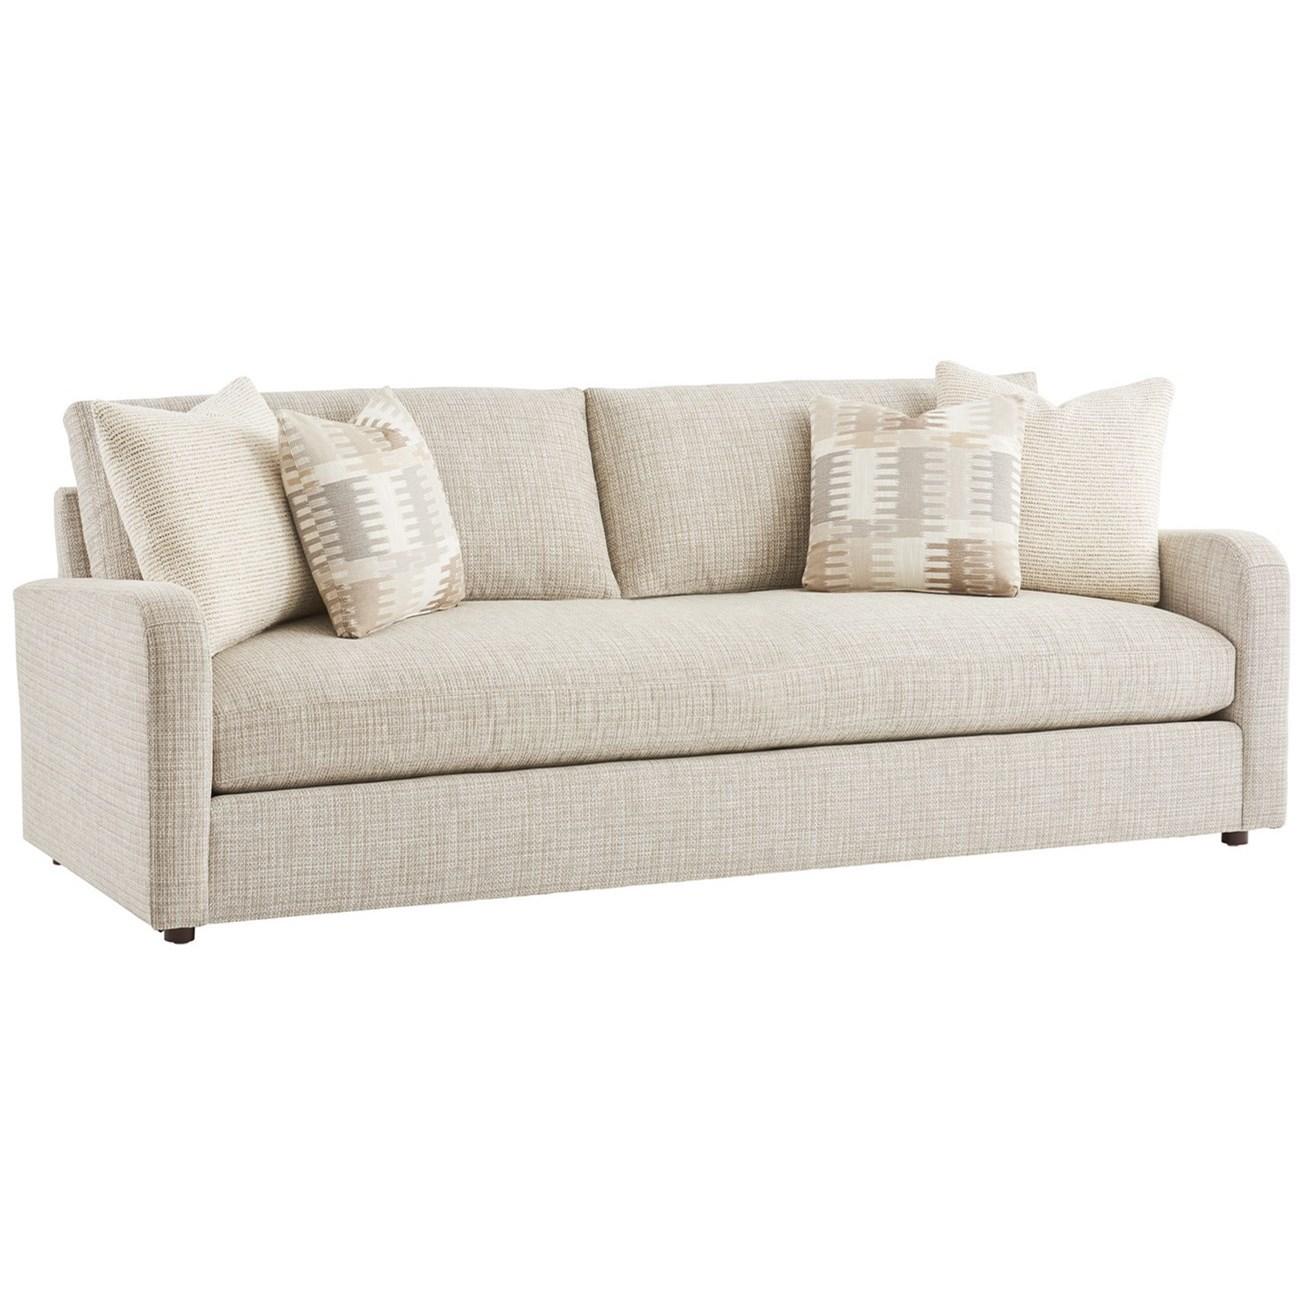 Barclay Butera Upholstery Terra Sofa by Barclay Butera at Baer's Furniture